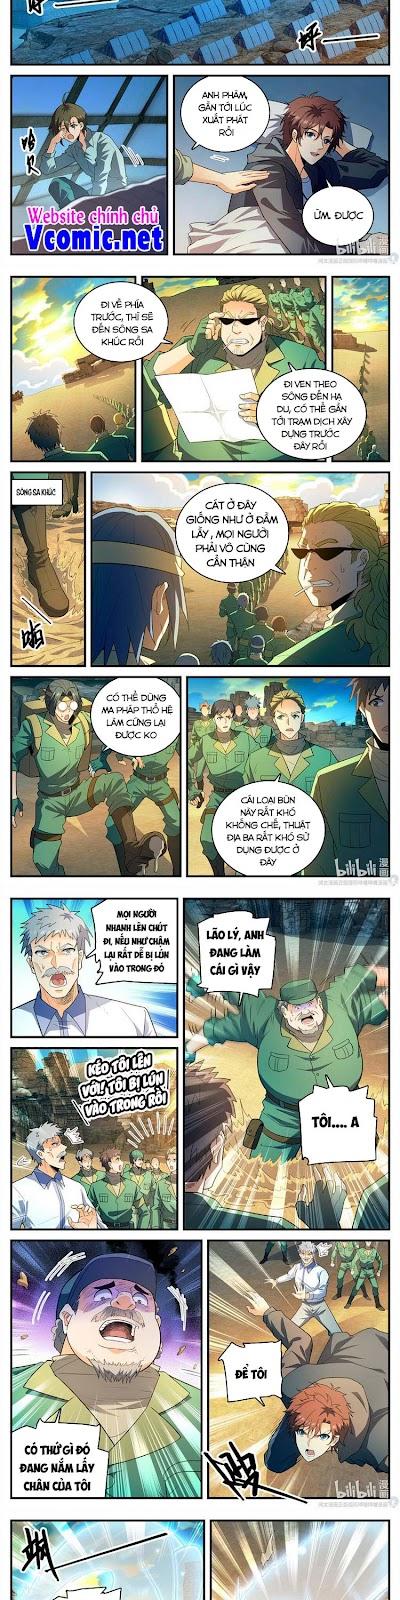 Toàn Chức Pháp Sư Chương 772 - Vcomic.net